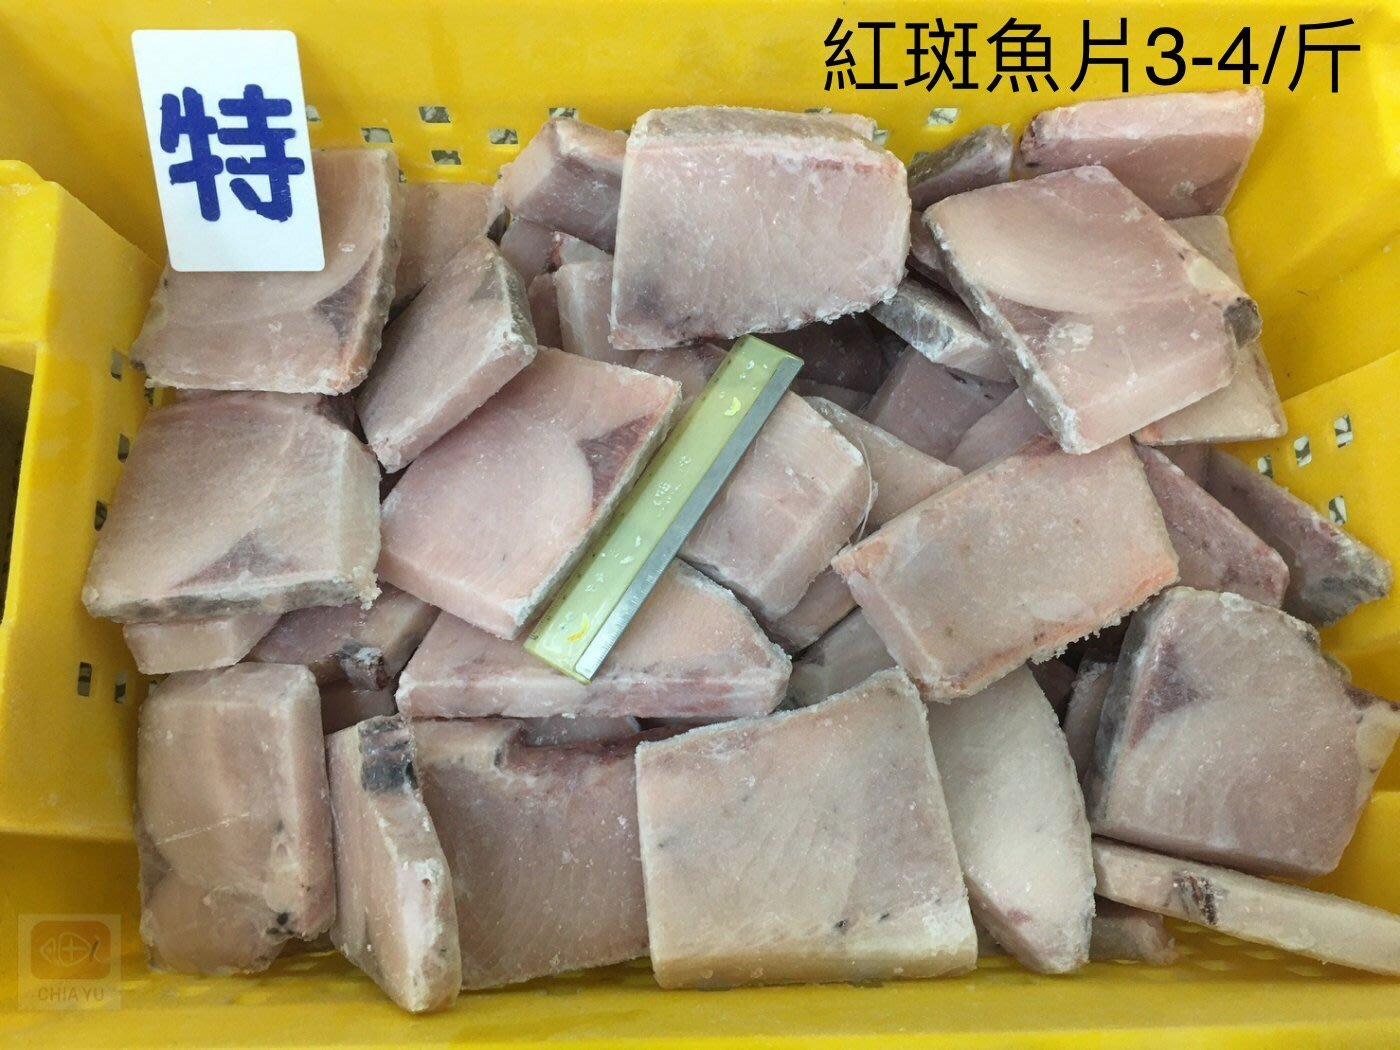 【佳魚水產】深海紅斑魚片(3-4/斤)6kg/箱 一箱約35片左右